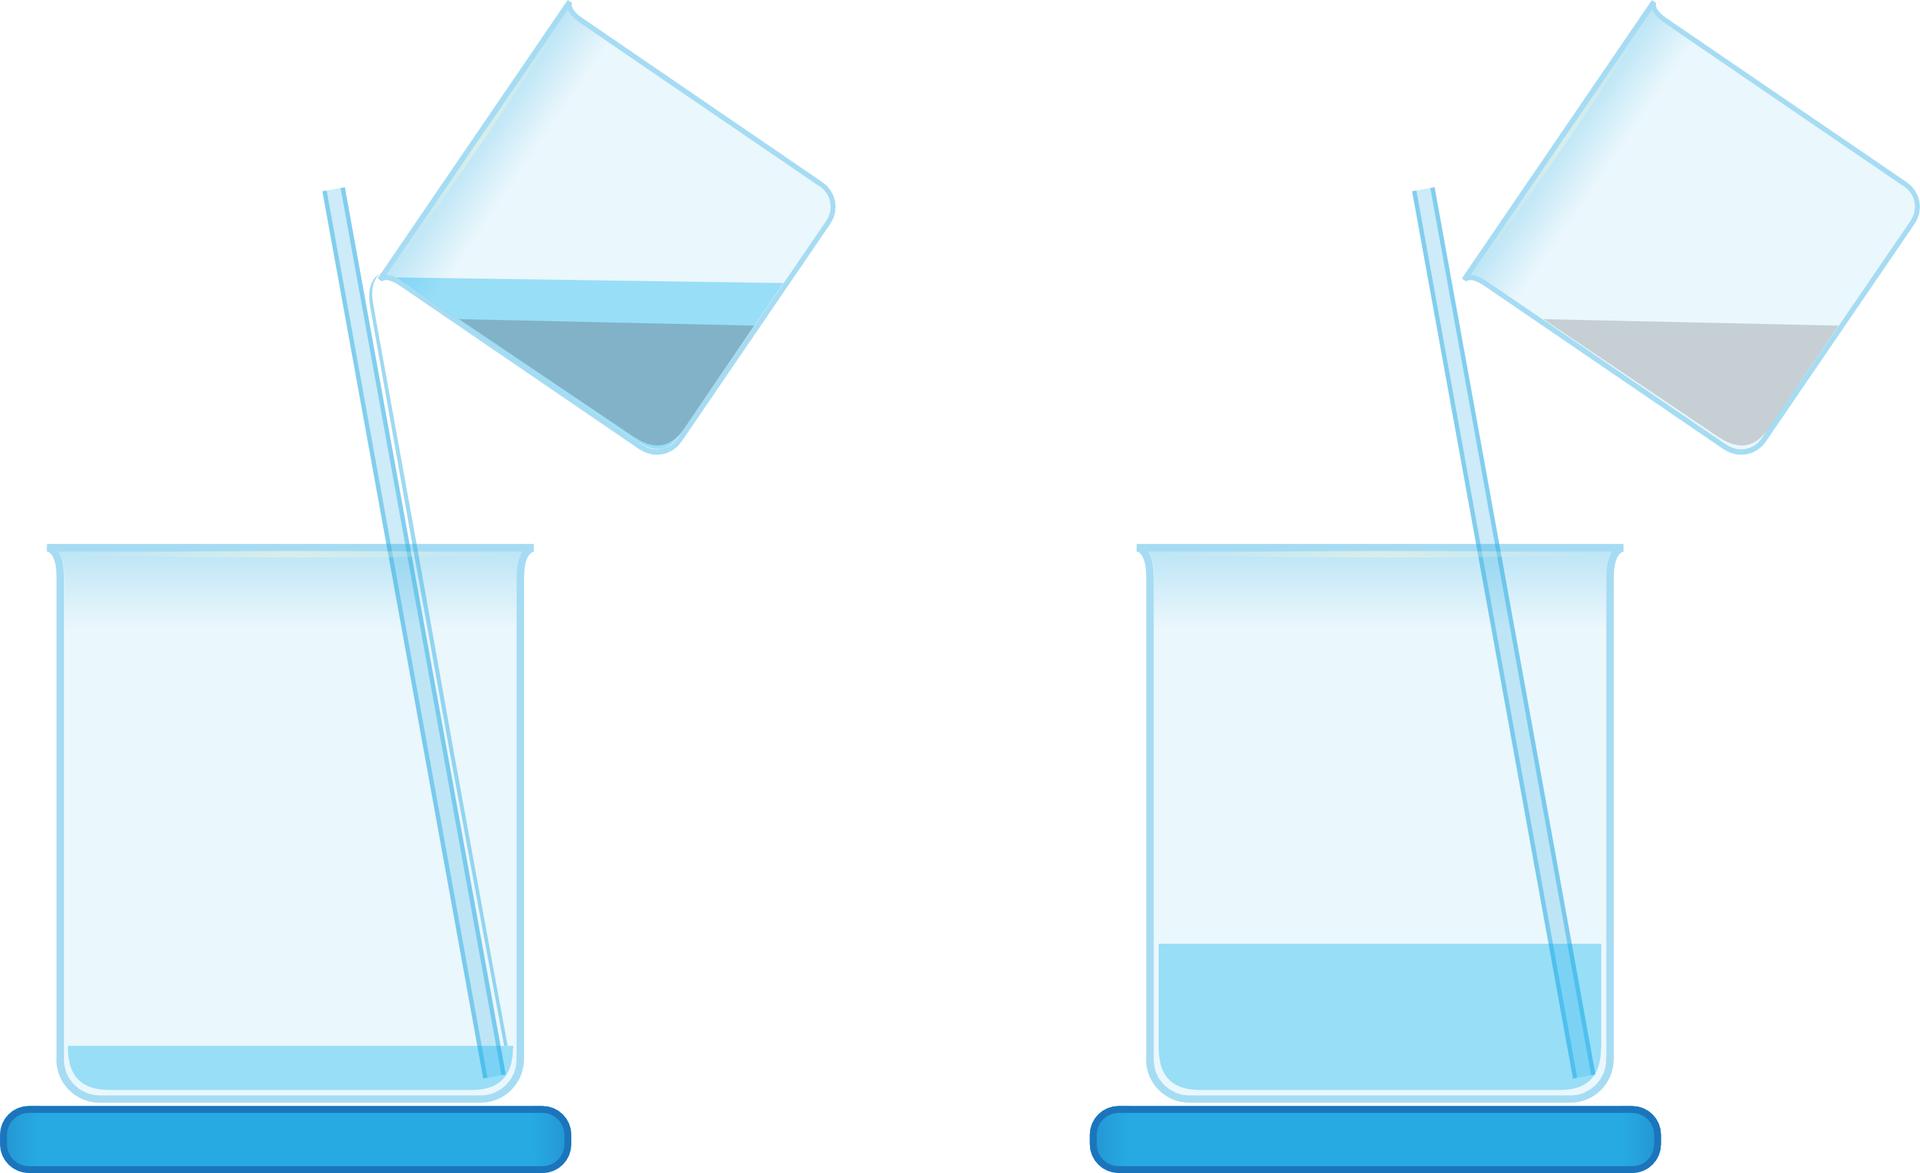 Rysunek przedstawia sposób przeprowadzania dekantacji, czyli zlewania cieczy znad jej osadu. Po lewej stronie znajduje się początkowy etap procesu. Do dużej zlewki stojącej na stabilnym podłożu po szklanej bagietce zlewana jest ciecz zmniejszej zlewki, wktórej wymieszane substancje tworzą dwie wyraźne warstwy, zosadem na dnie naczynia. Po prawej stronie przedstawiono końcowy etap procesu, gdzie ciecz zwiększości znajduje się wdolnej zlewce, awgórnej zlewce pozostała substancja stała, czyli osad.